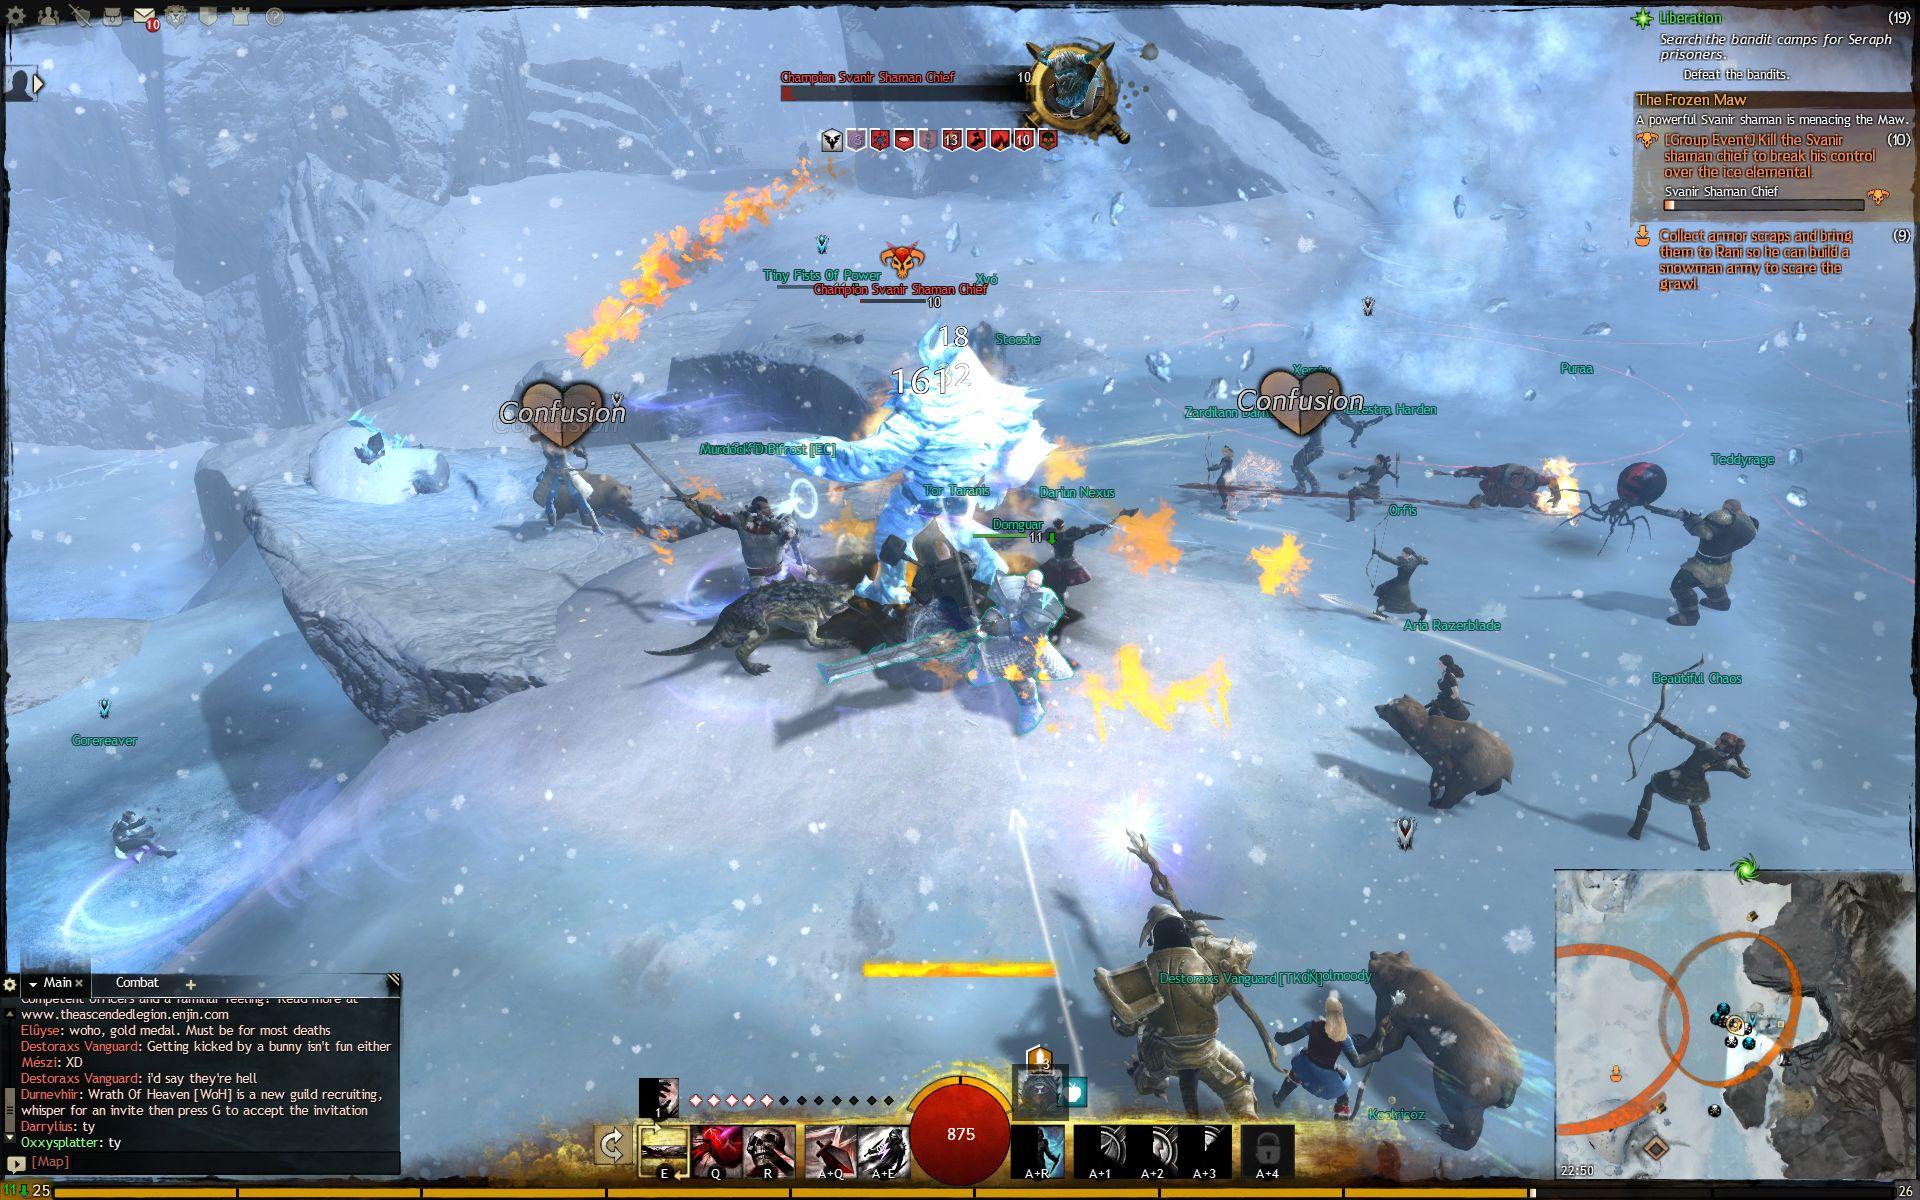 Китайские хакеры похитили данные 11 000 игроков в Guild Wars 2 - Изображение 1